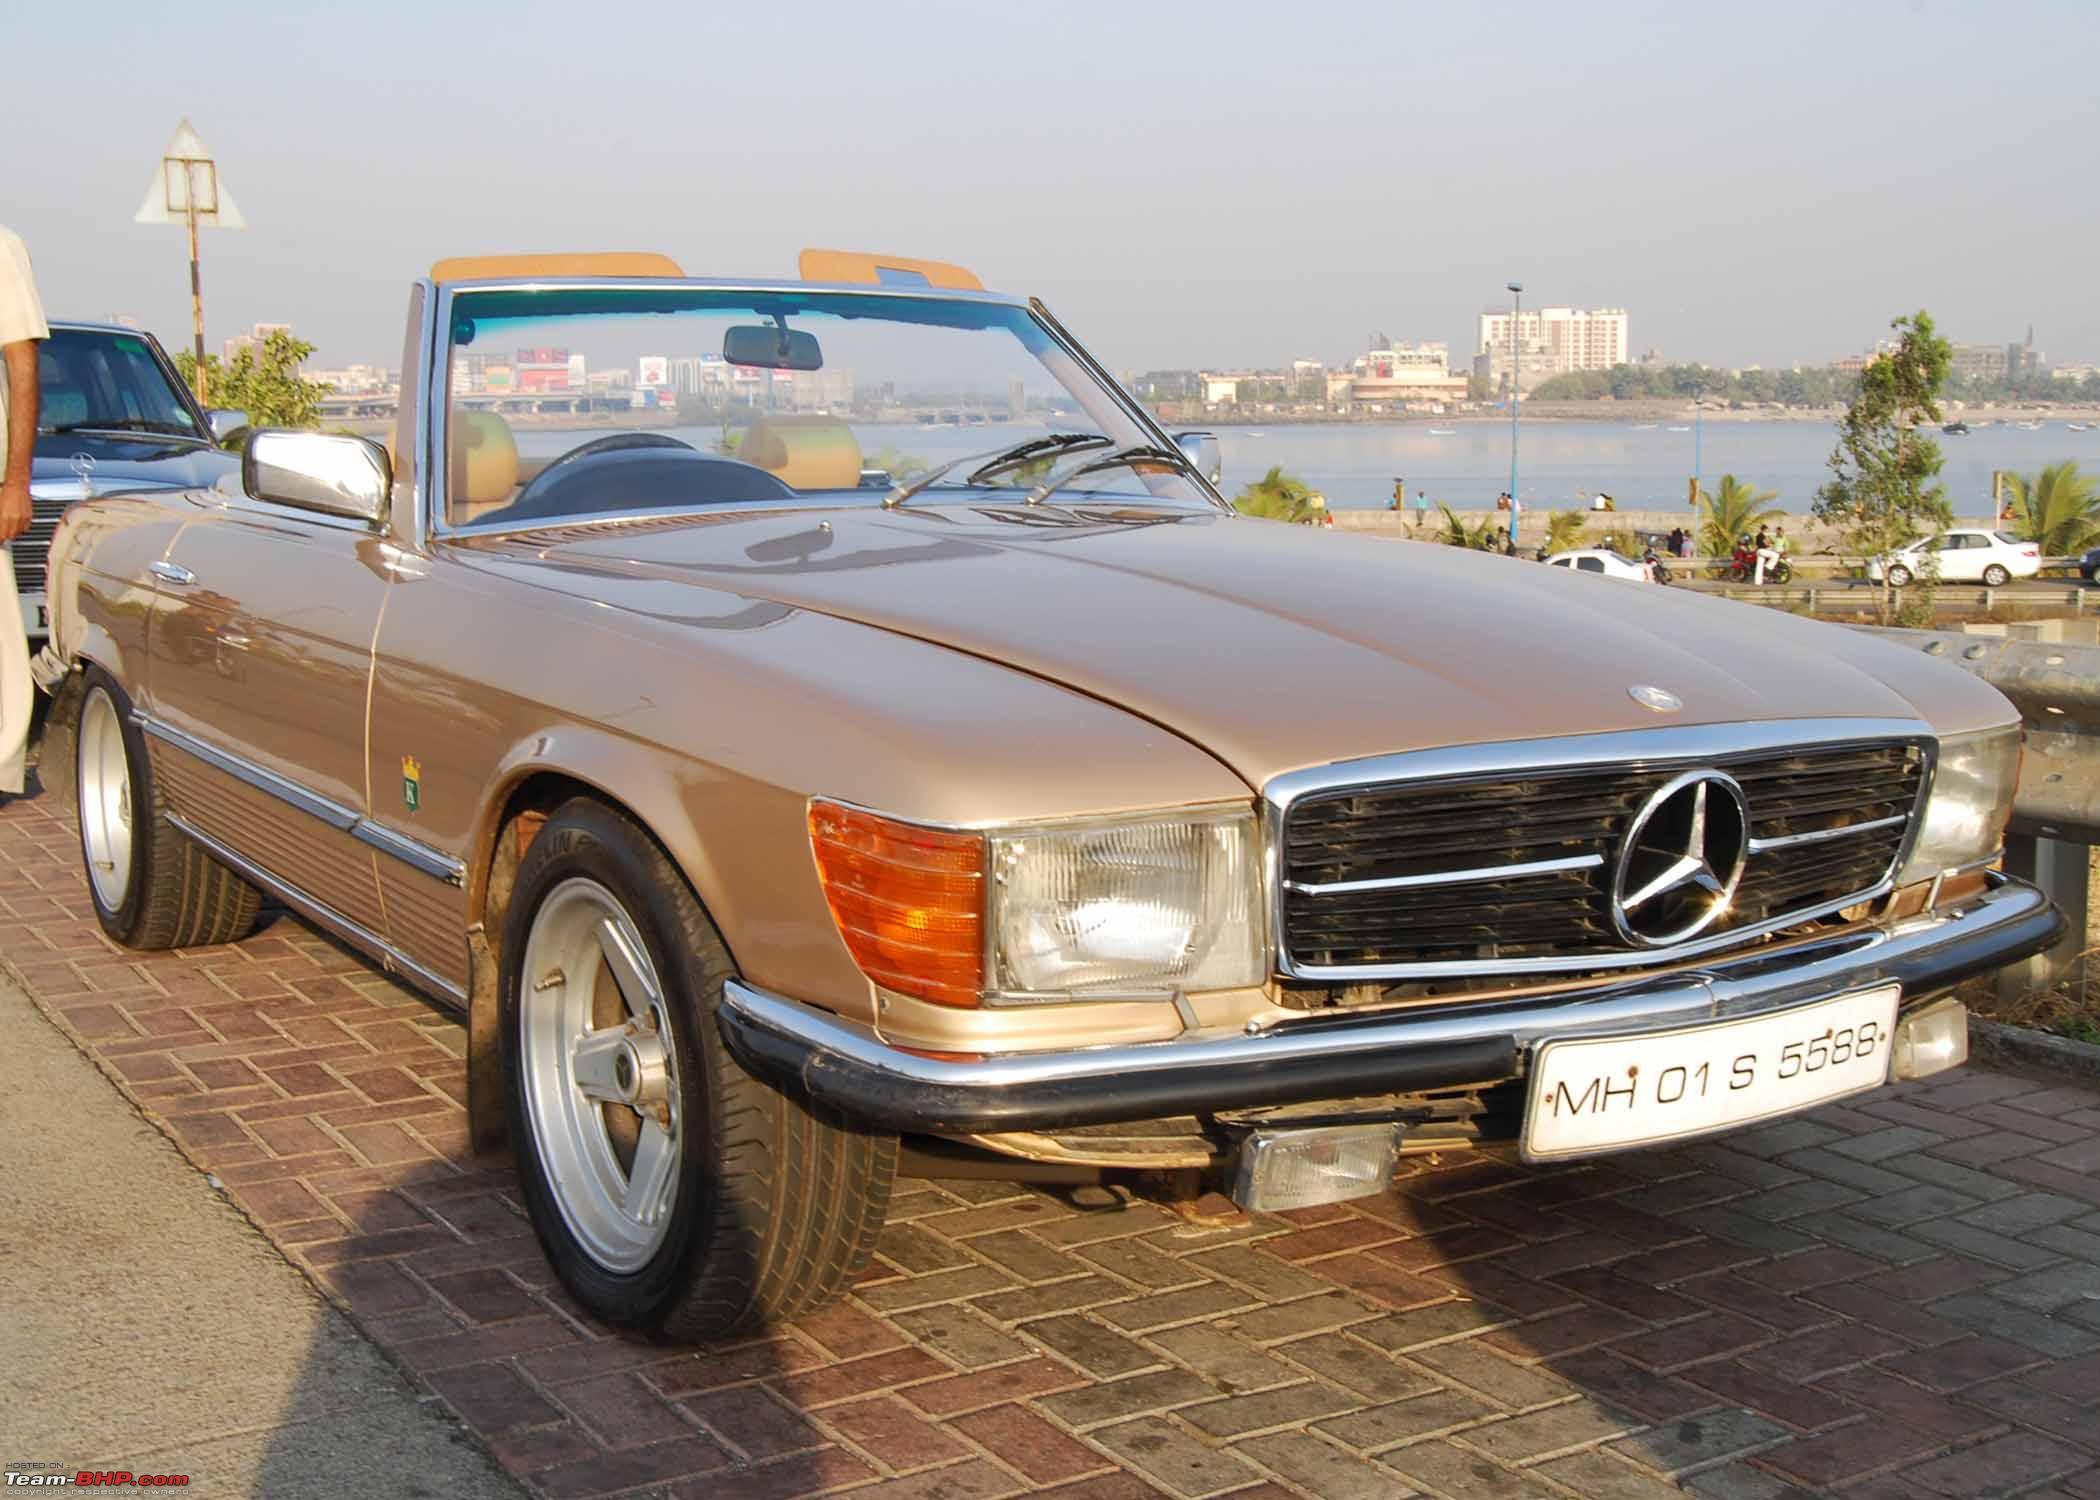 Mercedes Benz Club-India - Team-BHP on lamborghini forum, chevy forum, audi forum, toyota forum, bmw forum,